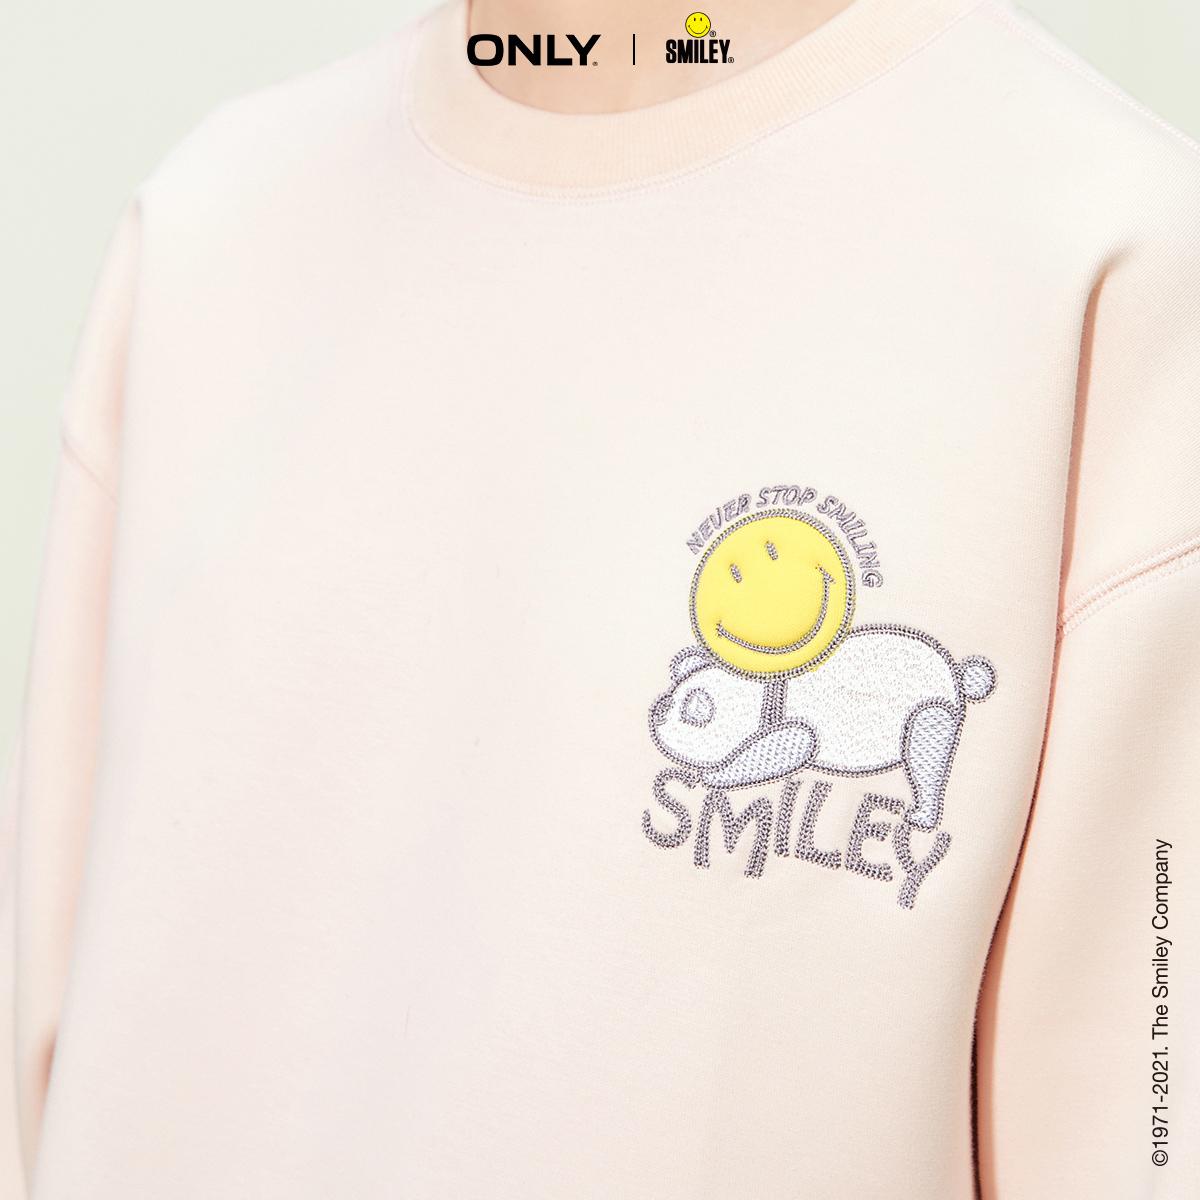 【双11预售】ONLY2021冬季新款Smiley笑脸联名款卫衣女|12139S054